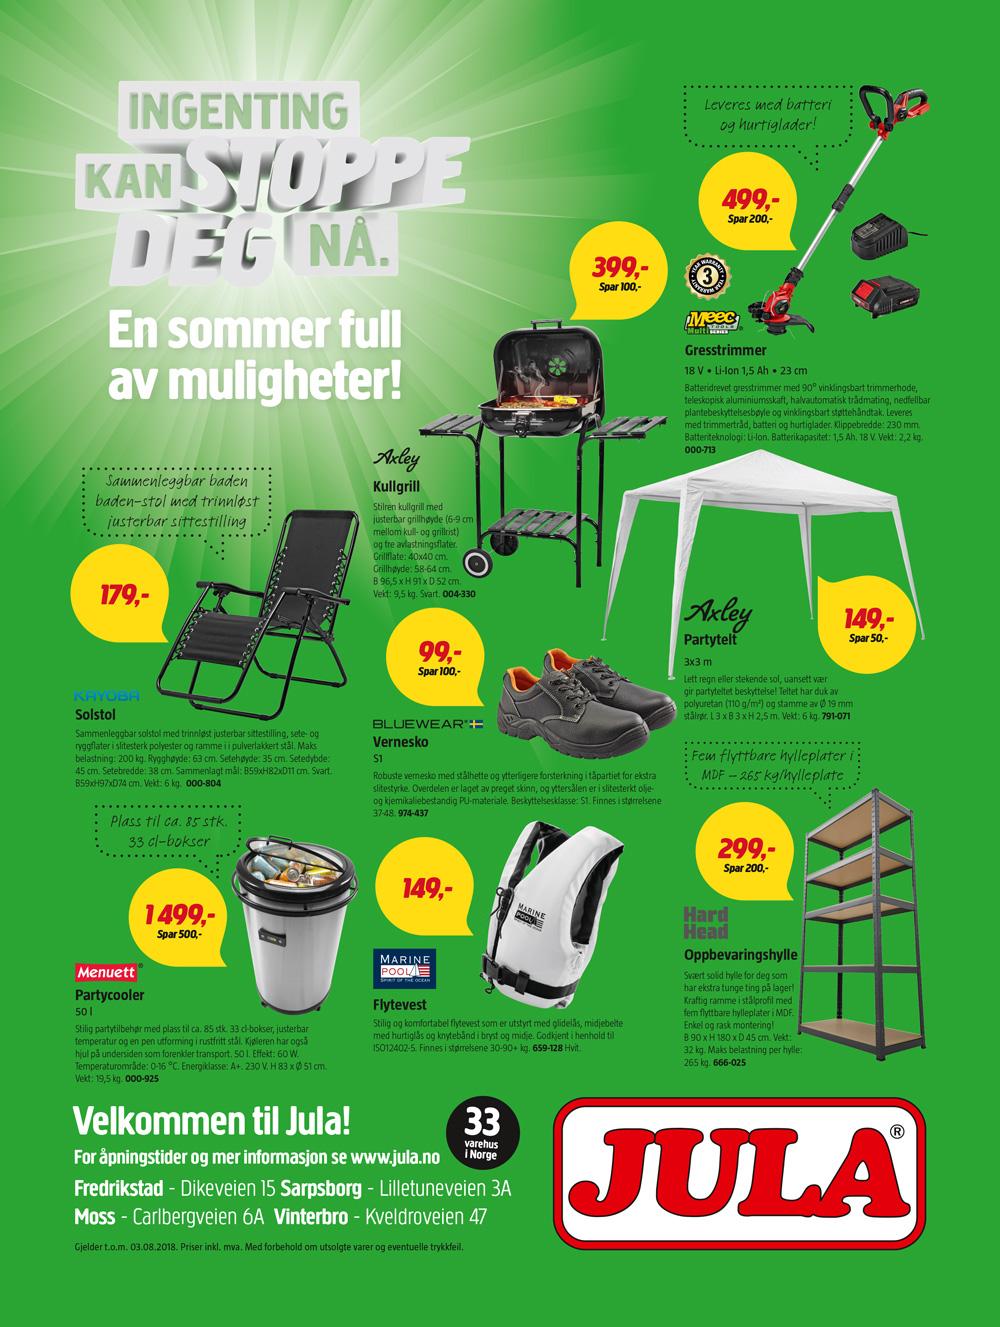 JULA_Østfold_Ferie_og_Hyttemagasin_163389.jpg